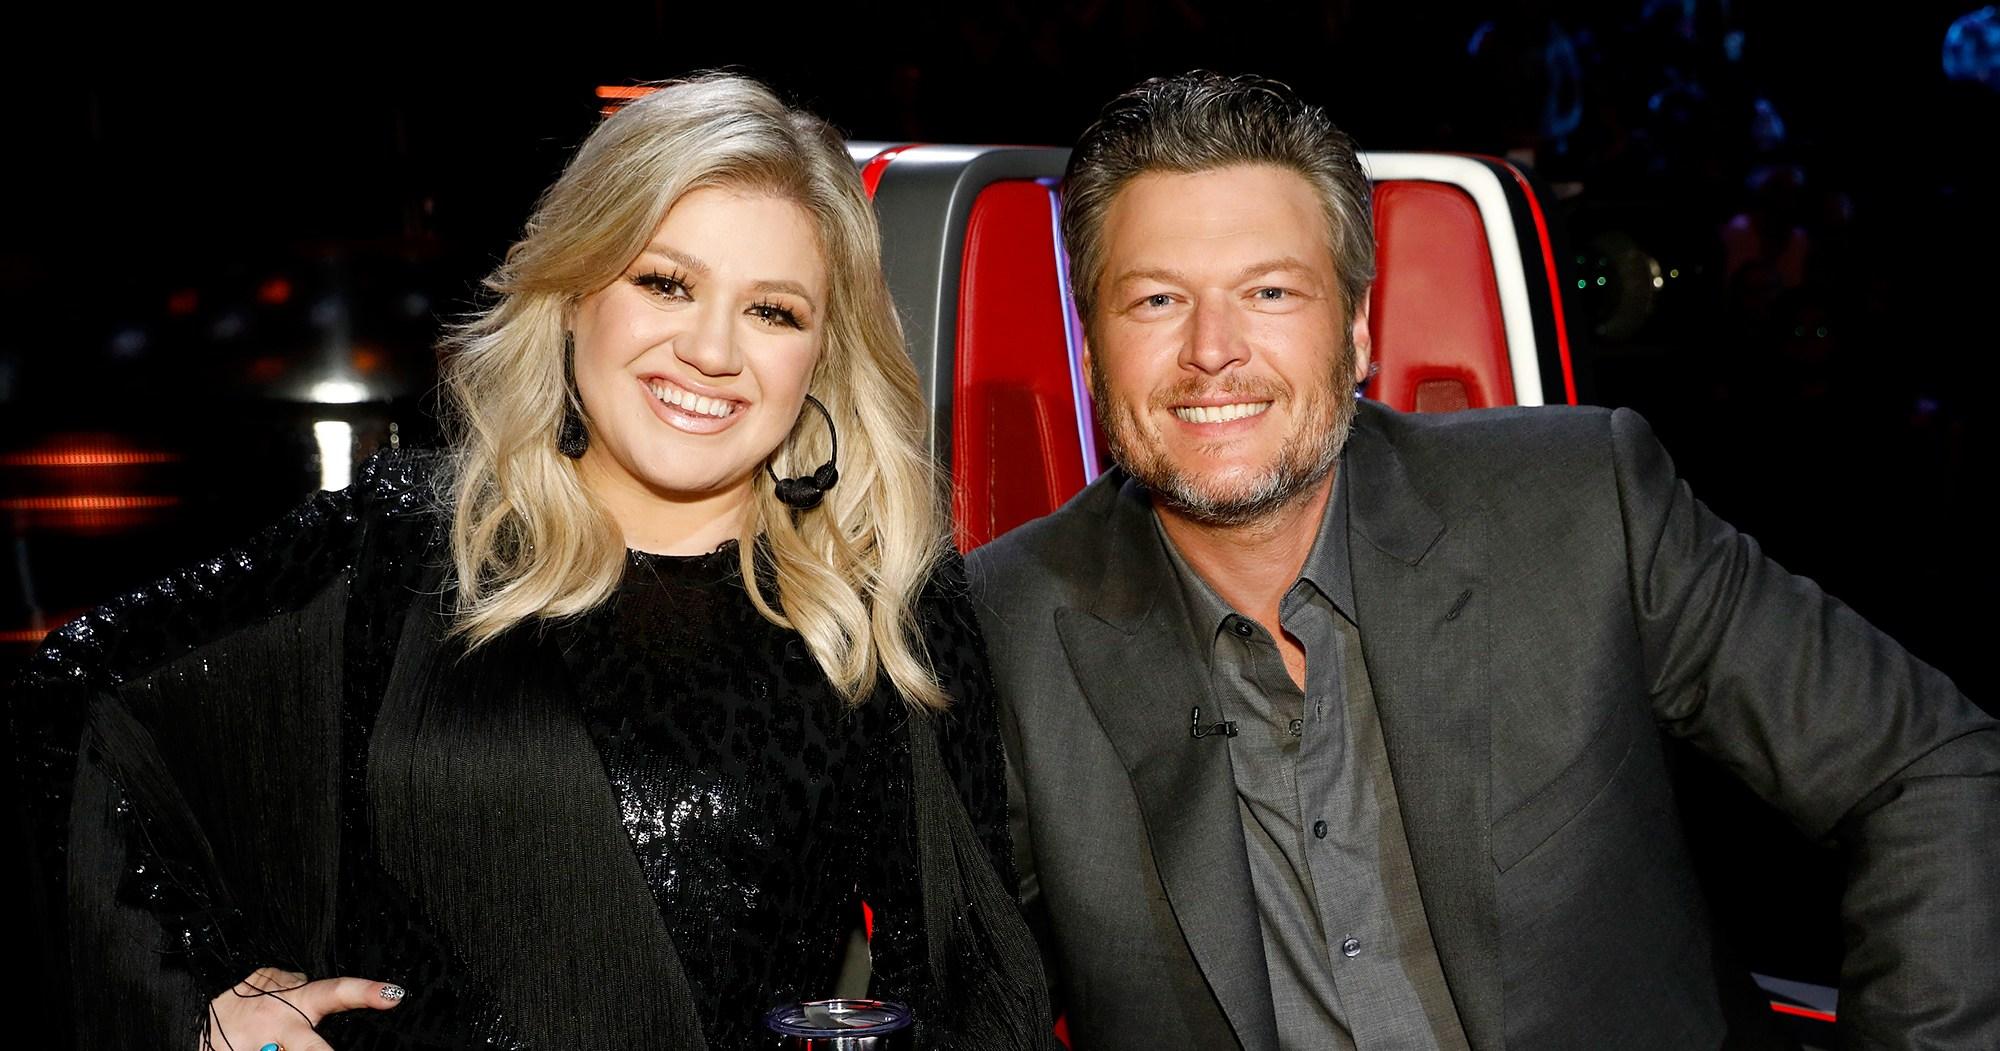 Burn! Kelly Clarkson Trolls Blake Shelton for 'Voice' Liquor Stash